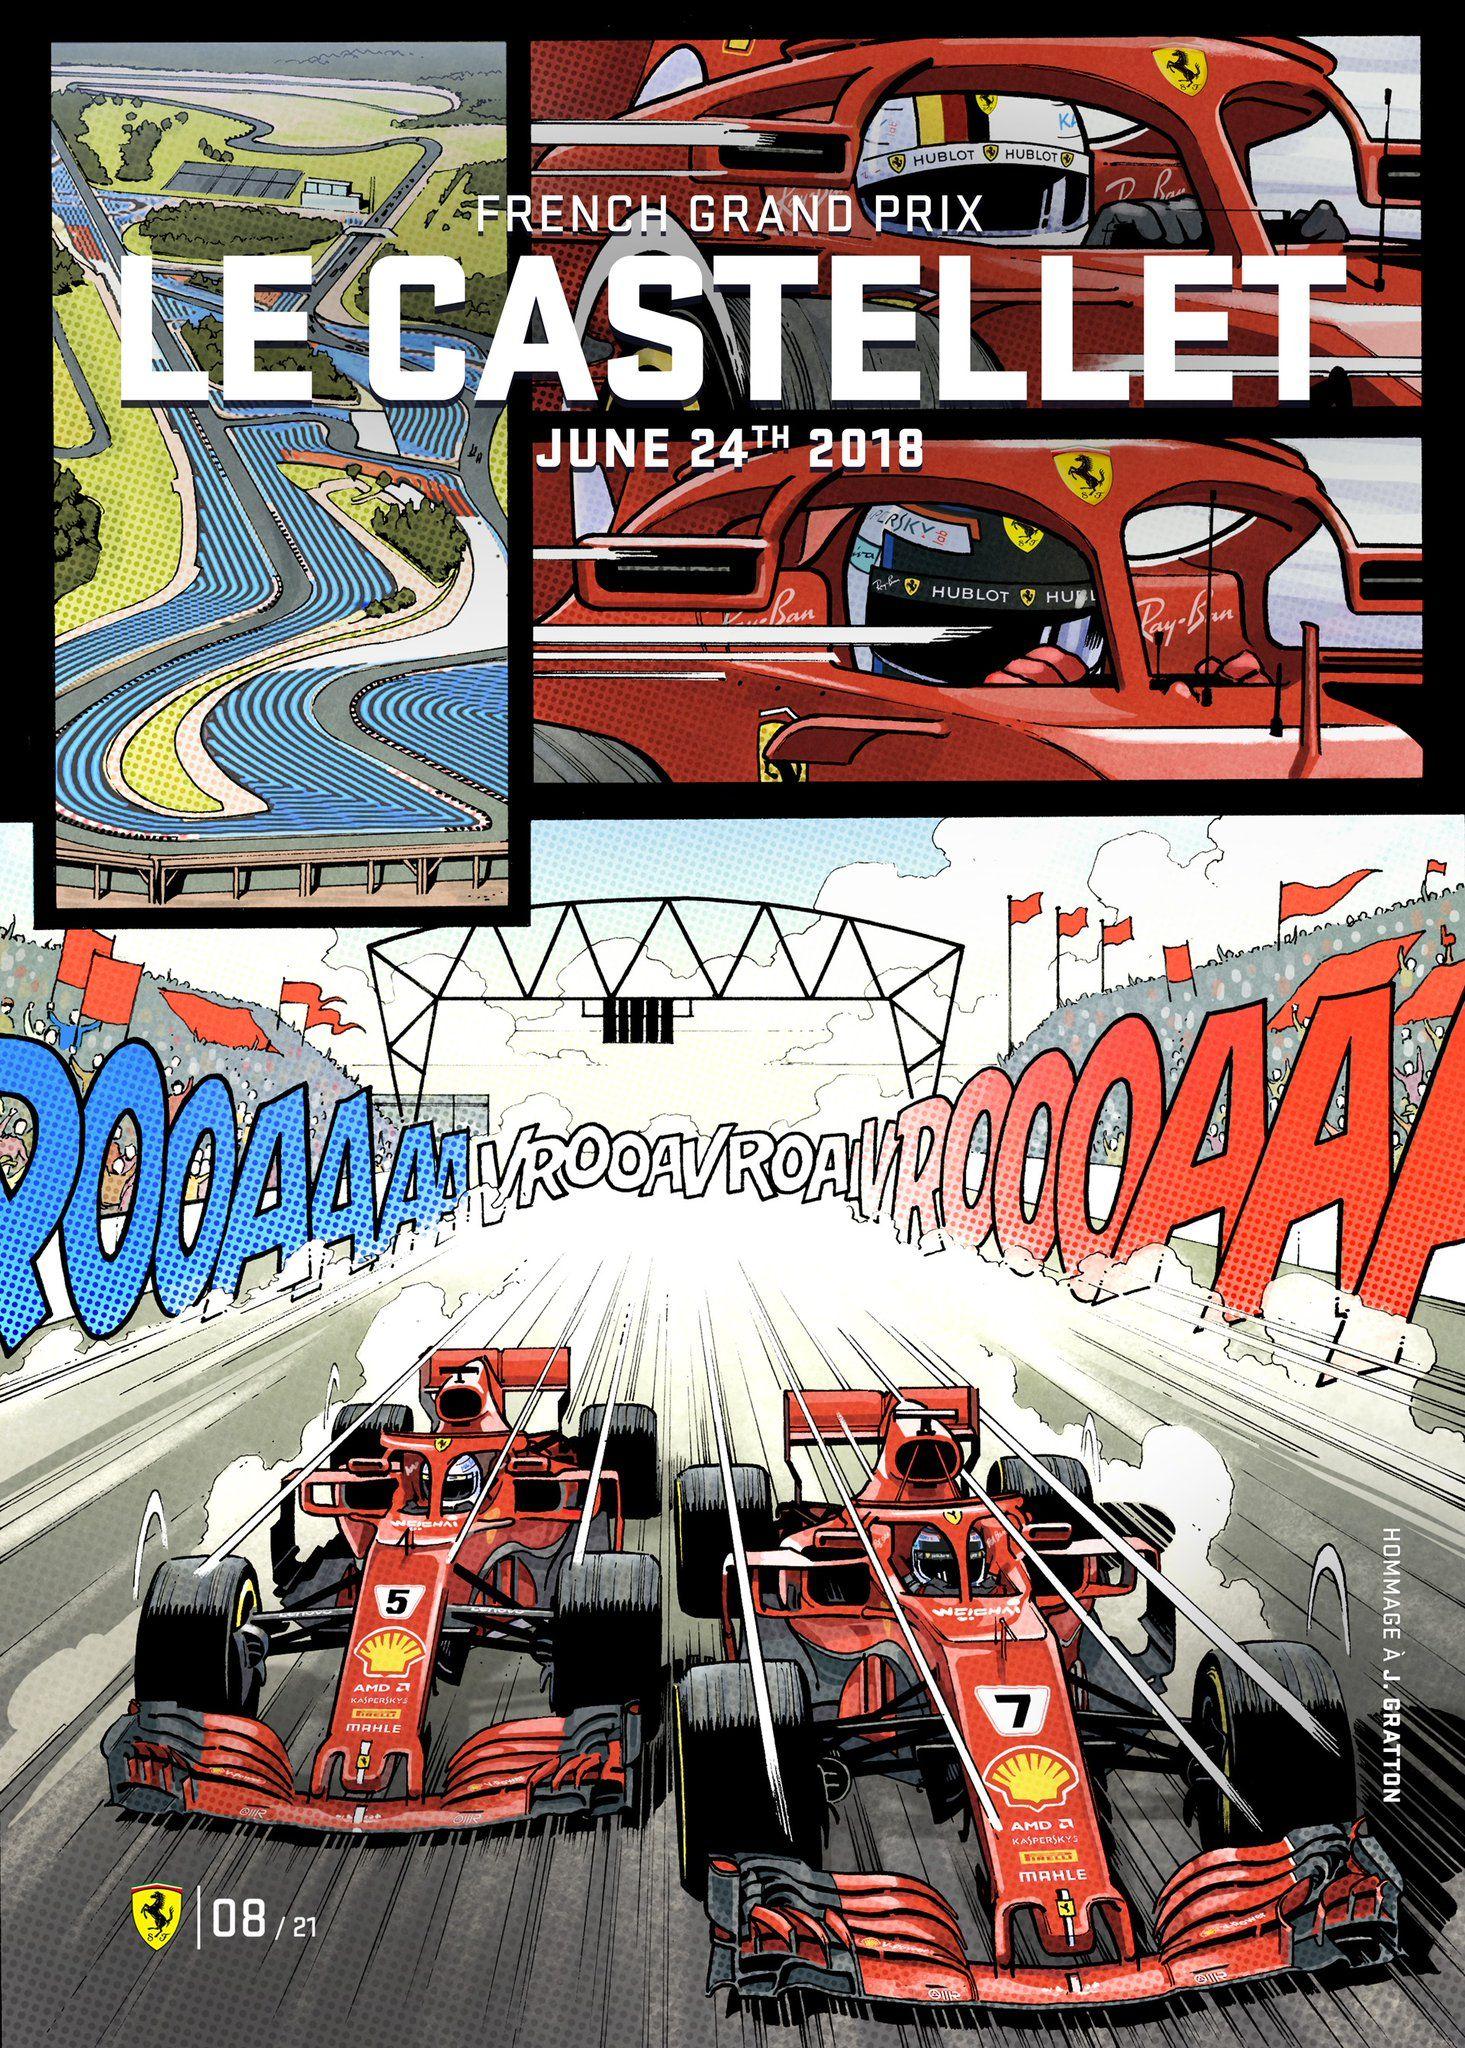 Scuderia Ferrari On Ferrari Poster French Grand Prix Grand Prix